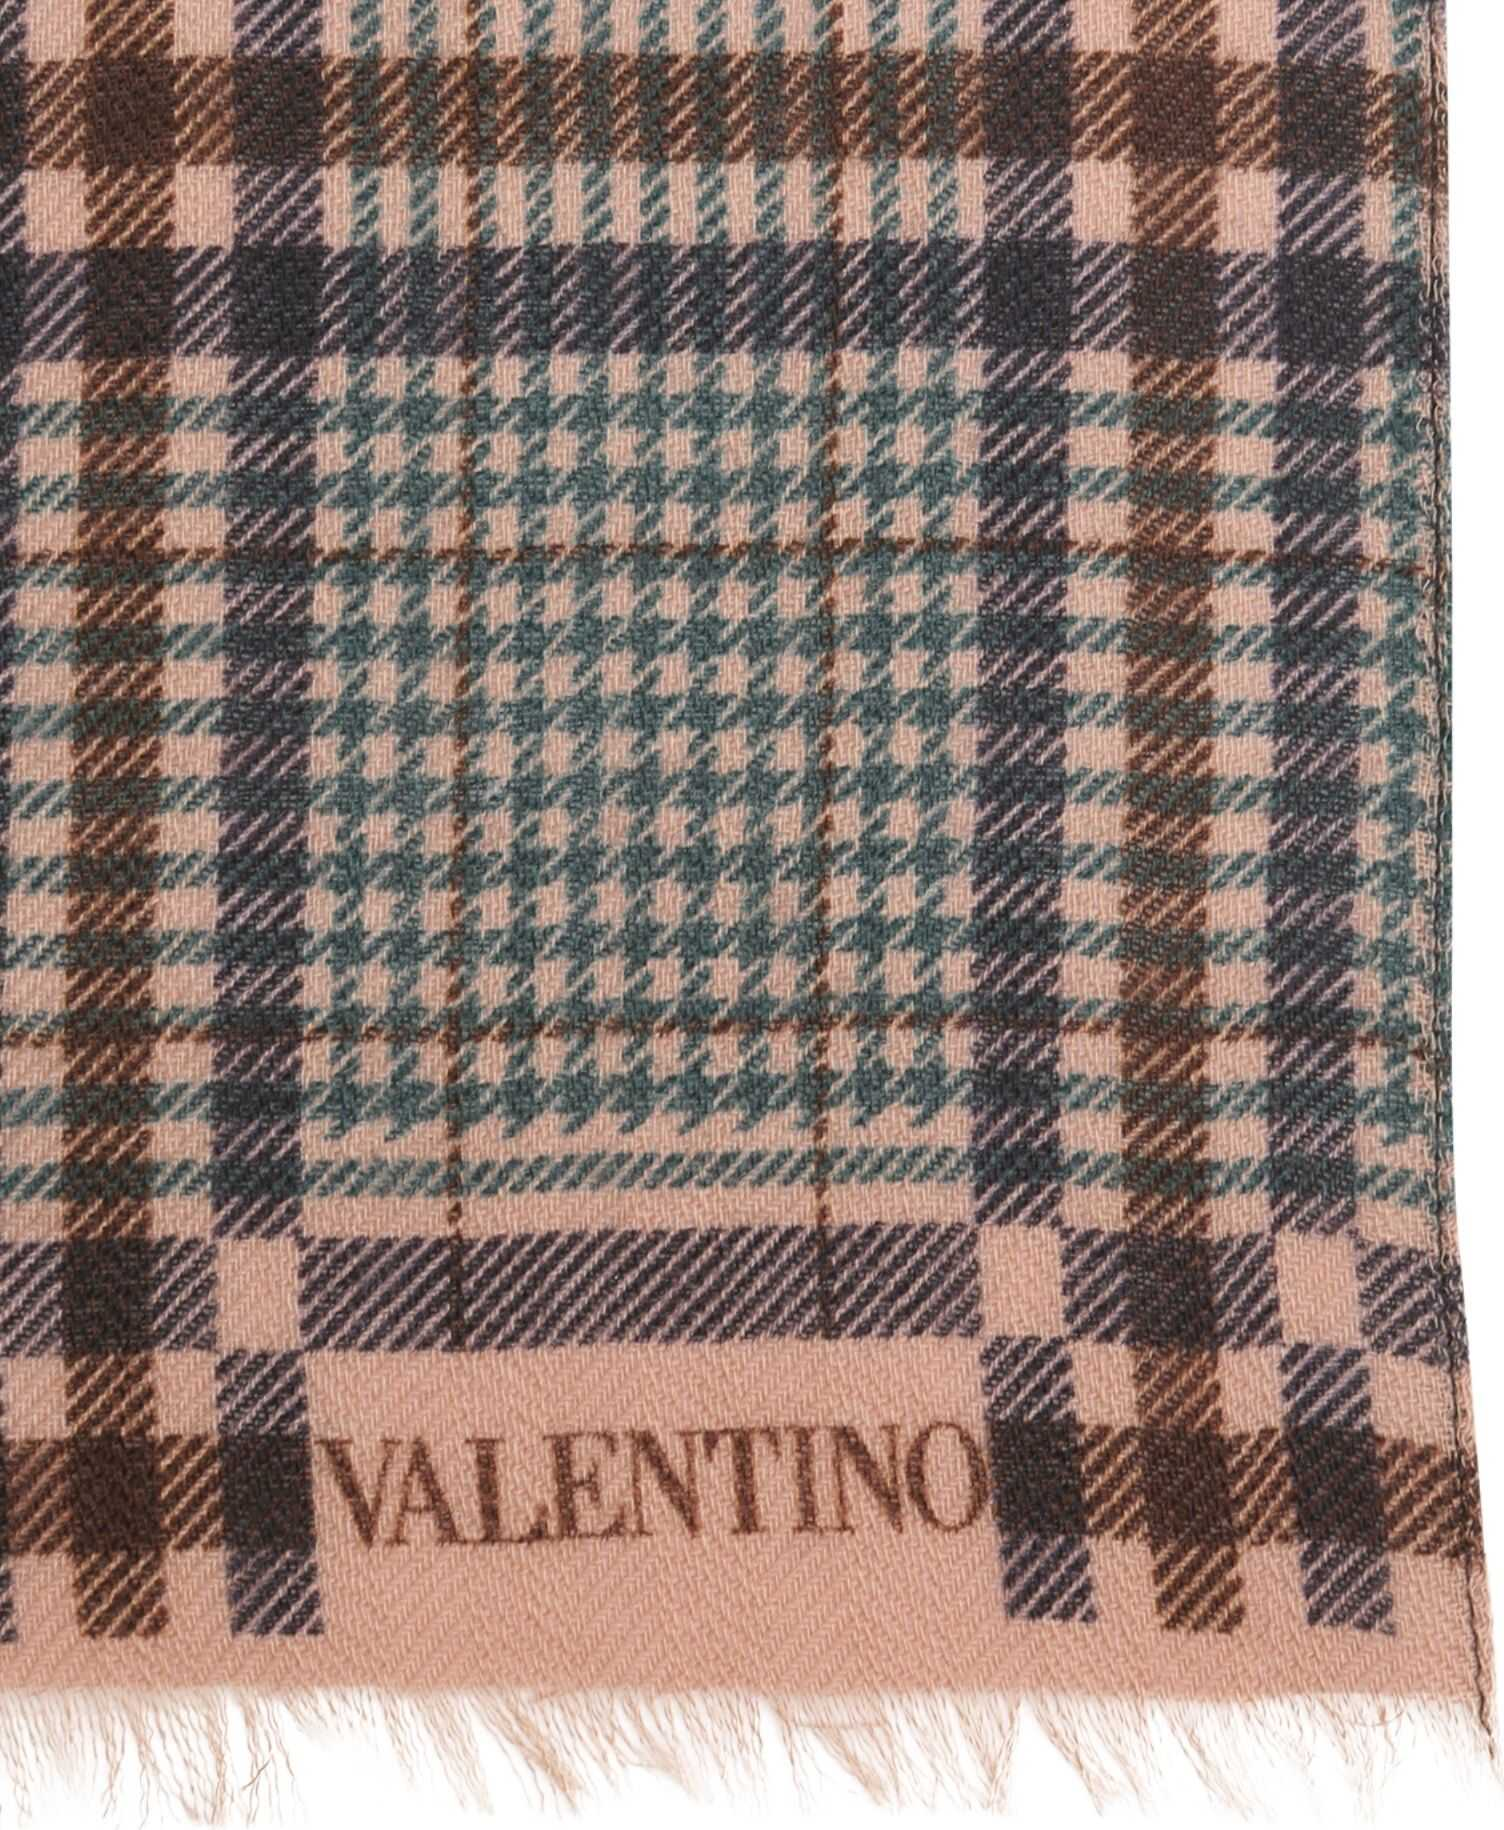 Valentino Fantasy Printed Scarf MULTICOLOUR